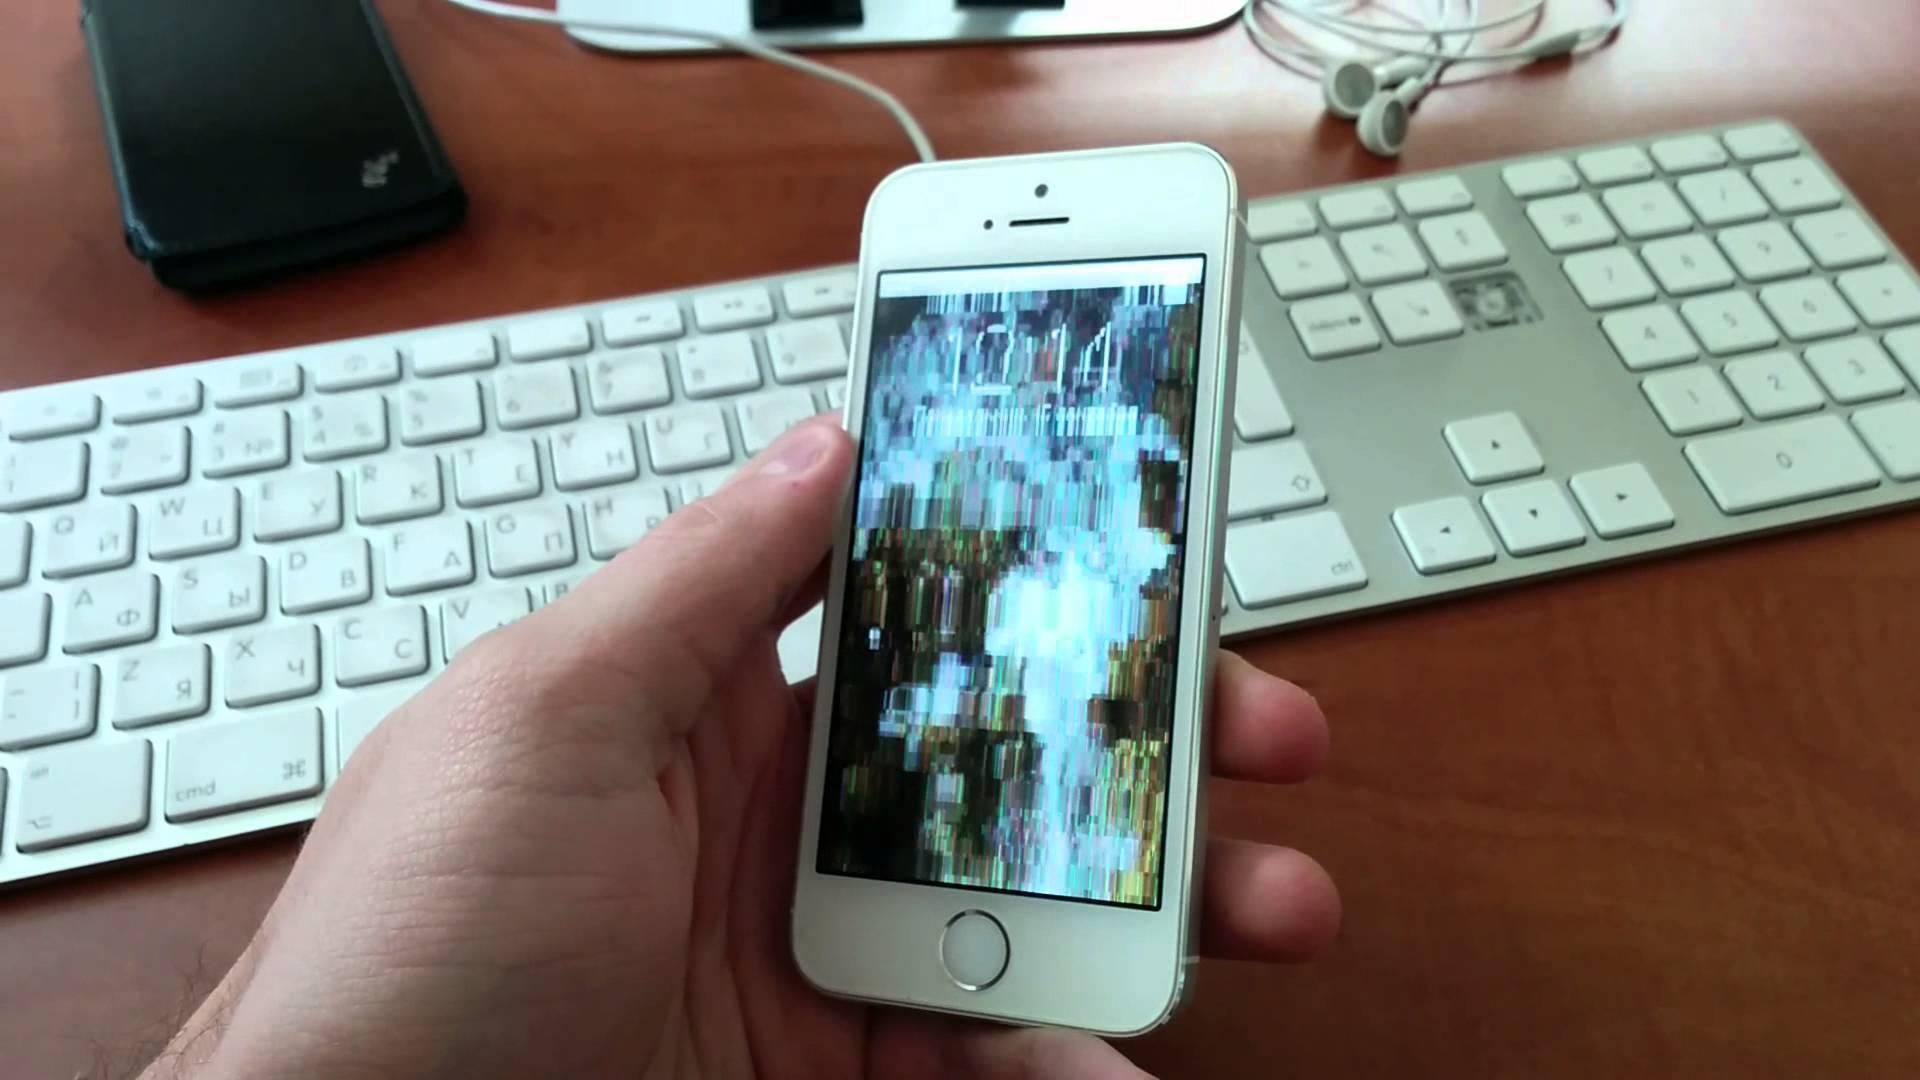 Как вернуть телефон в магазин 2d9faa001d0b8